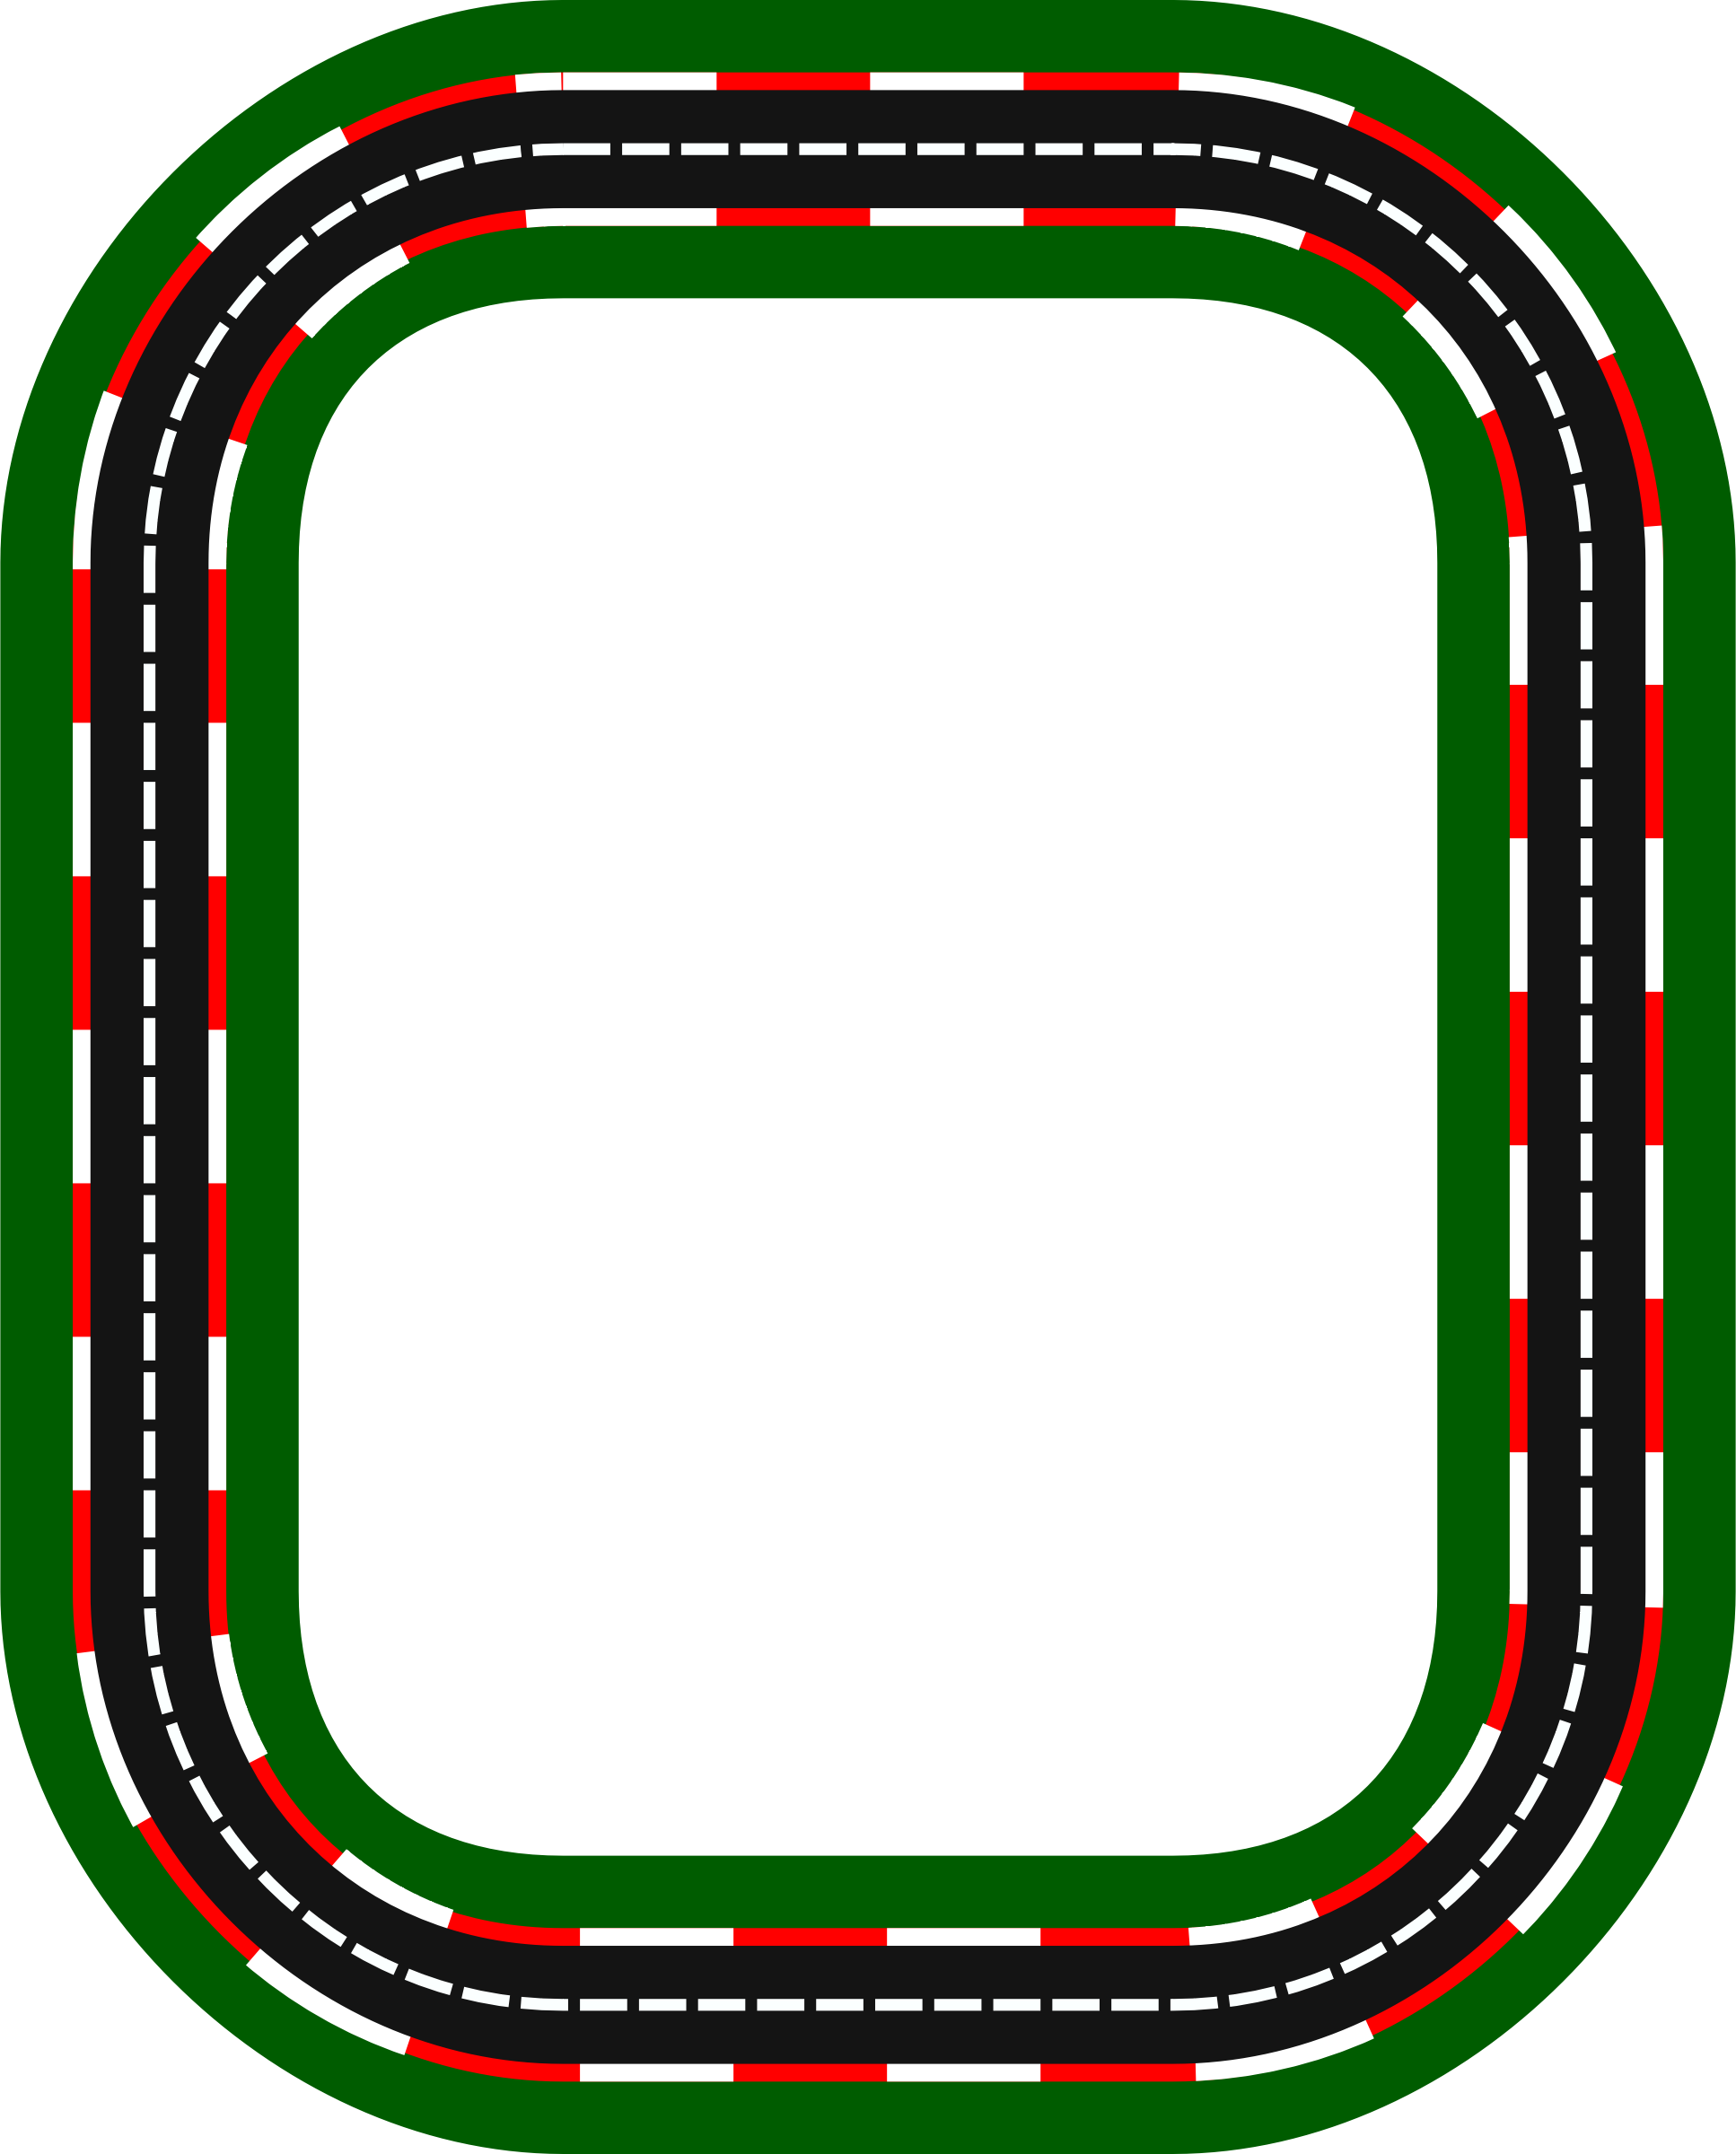 Clipart road frame. Big image png